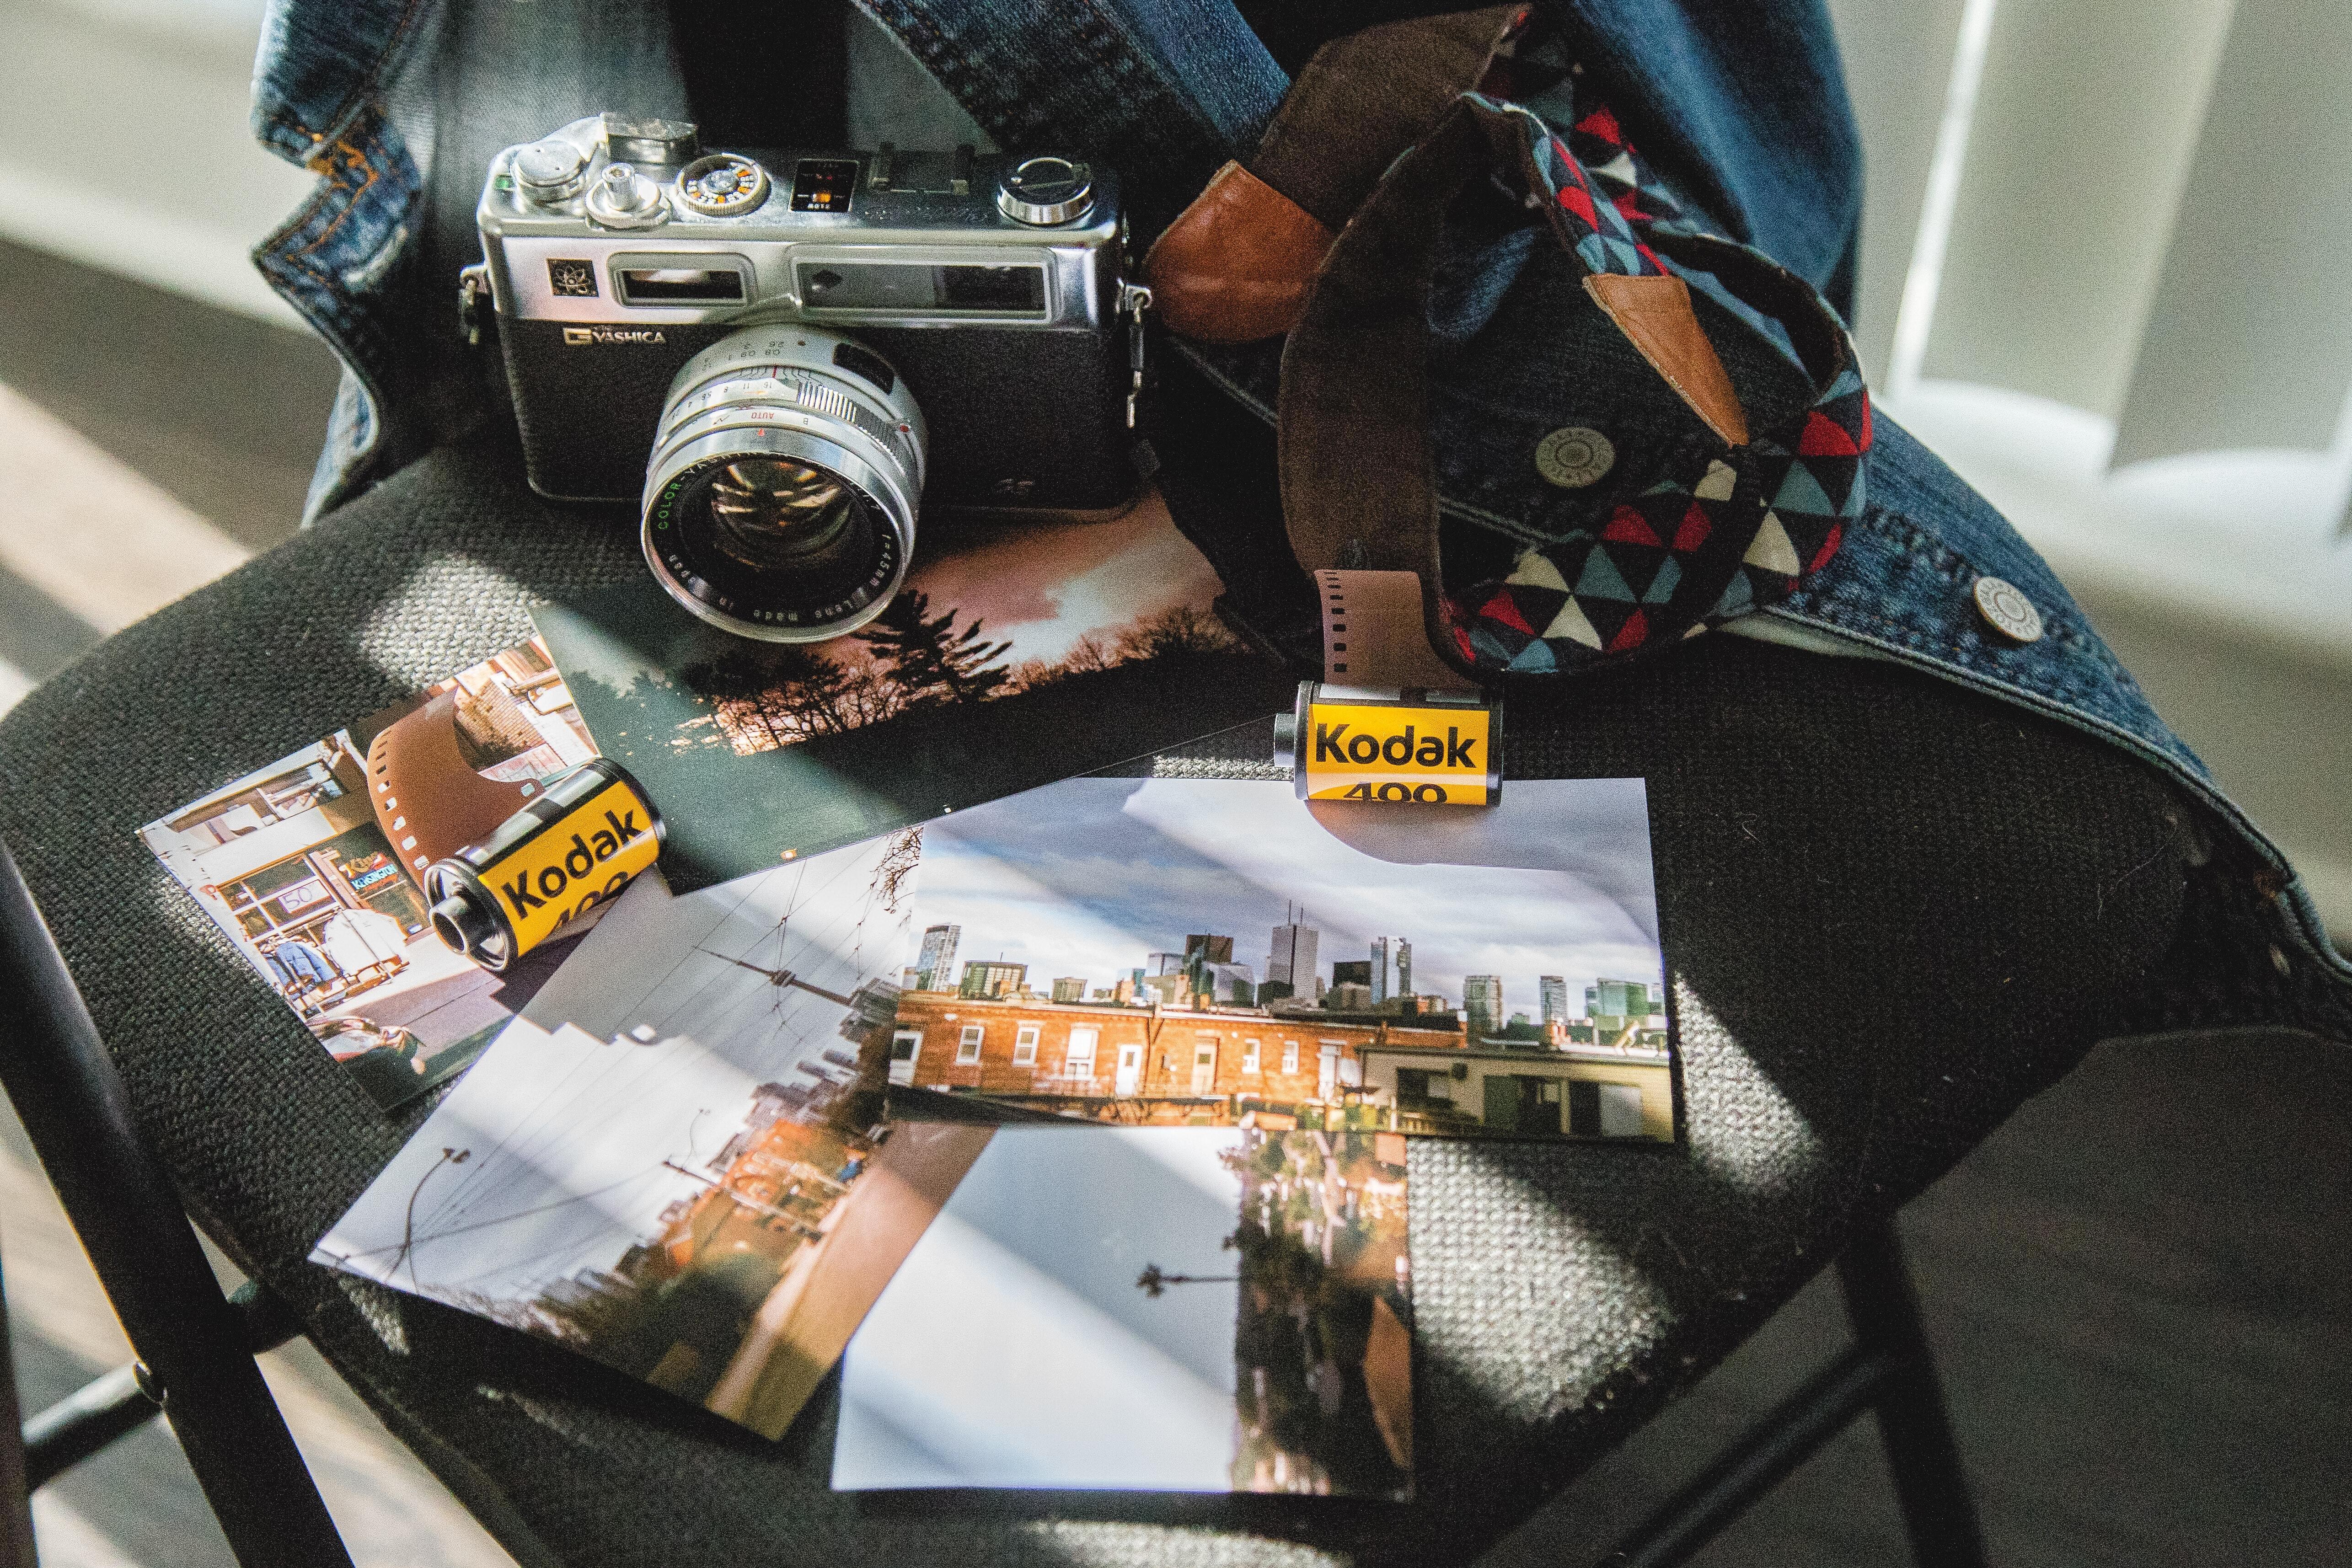 Innerhalb eines Tages stieg der Aktienkurs von Kodak von 4,97 auf 8,49 Euro.